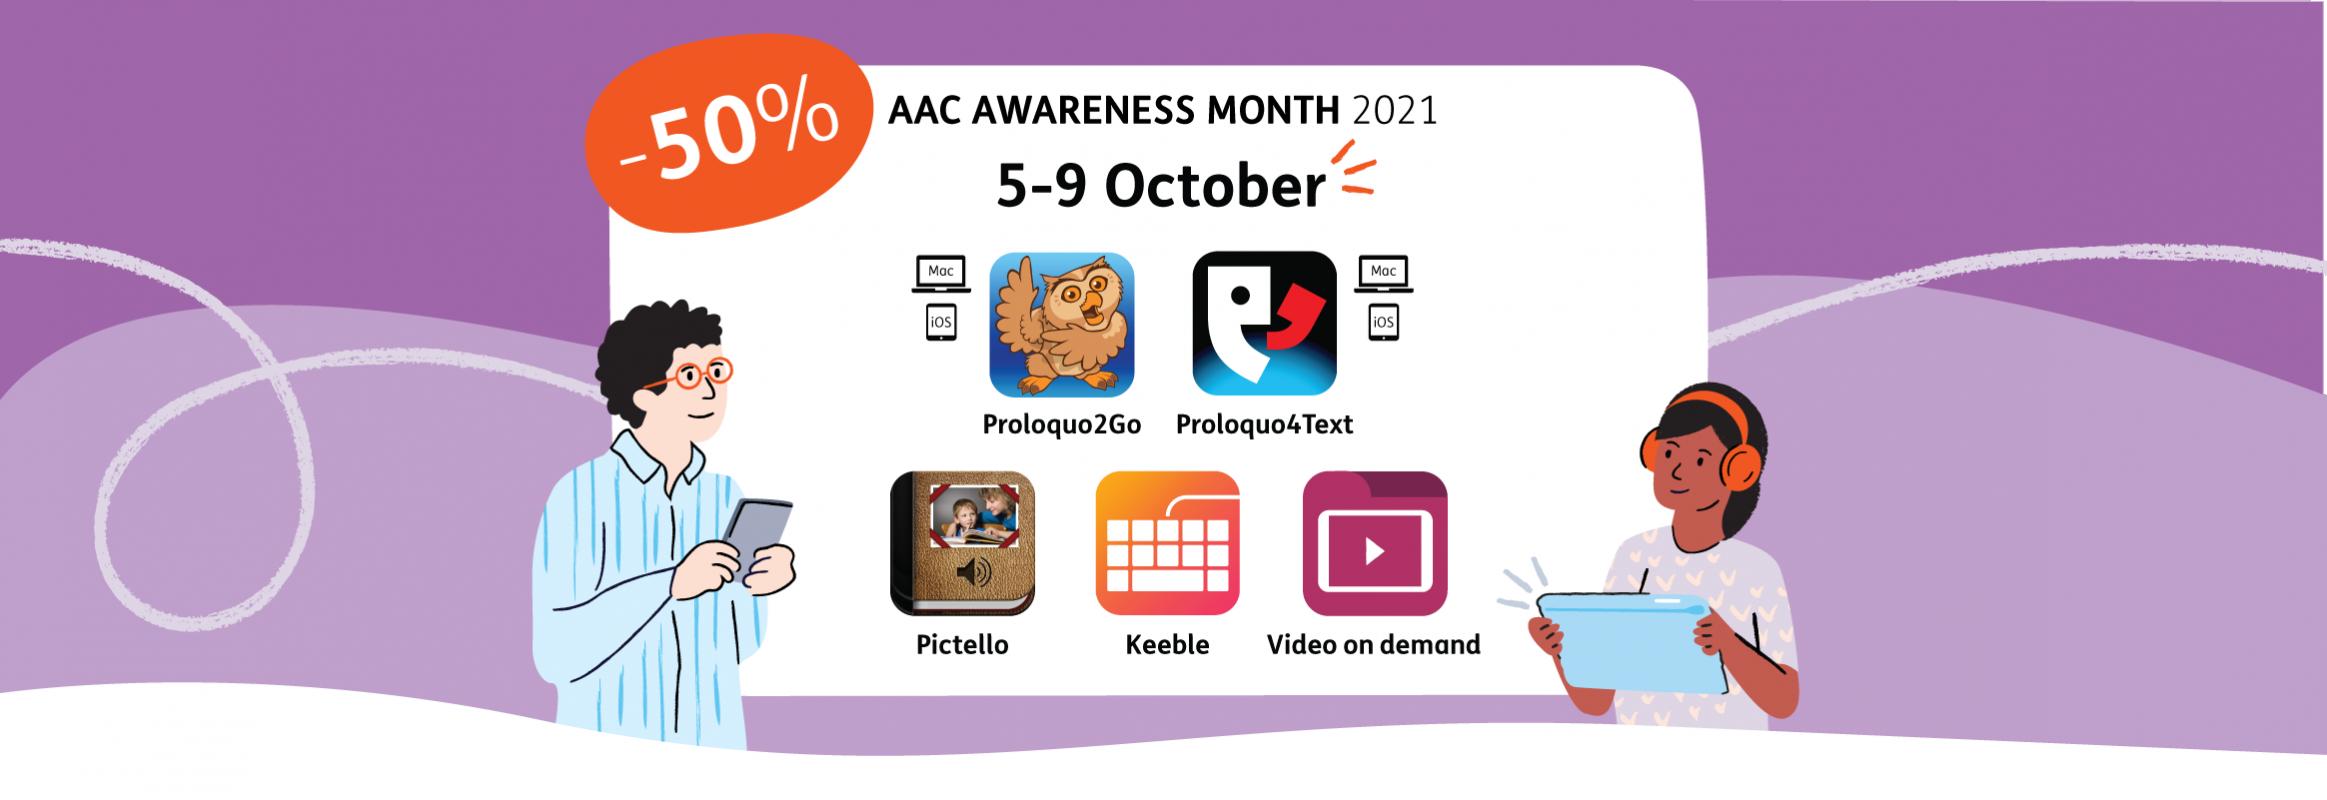 AAC Awareness Month 2021 discount